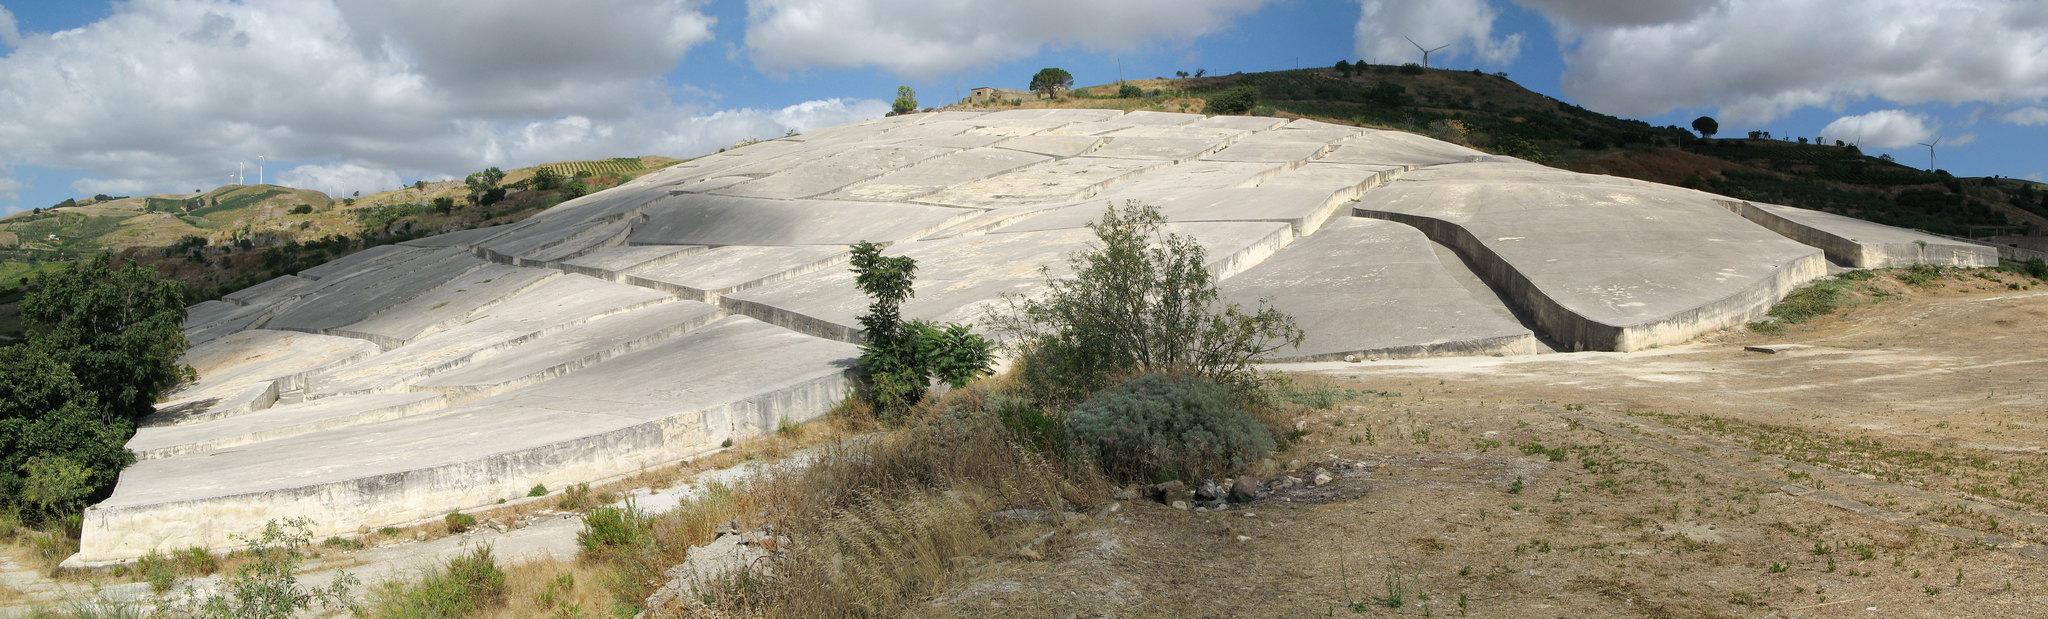 land art sicilia